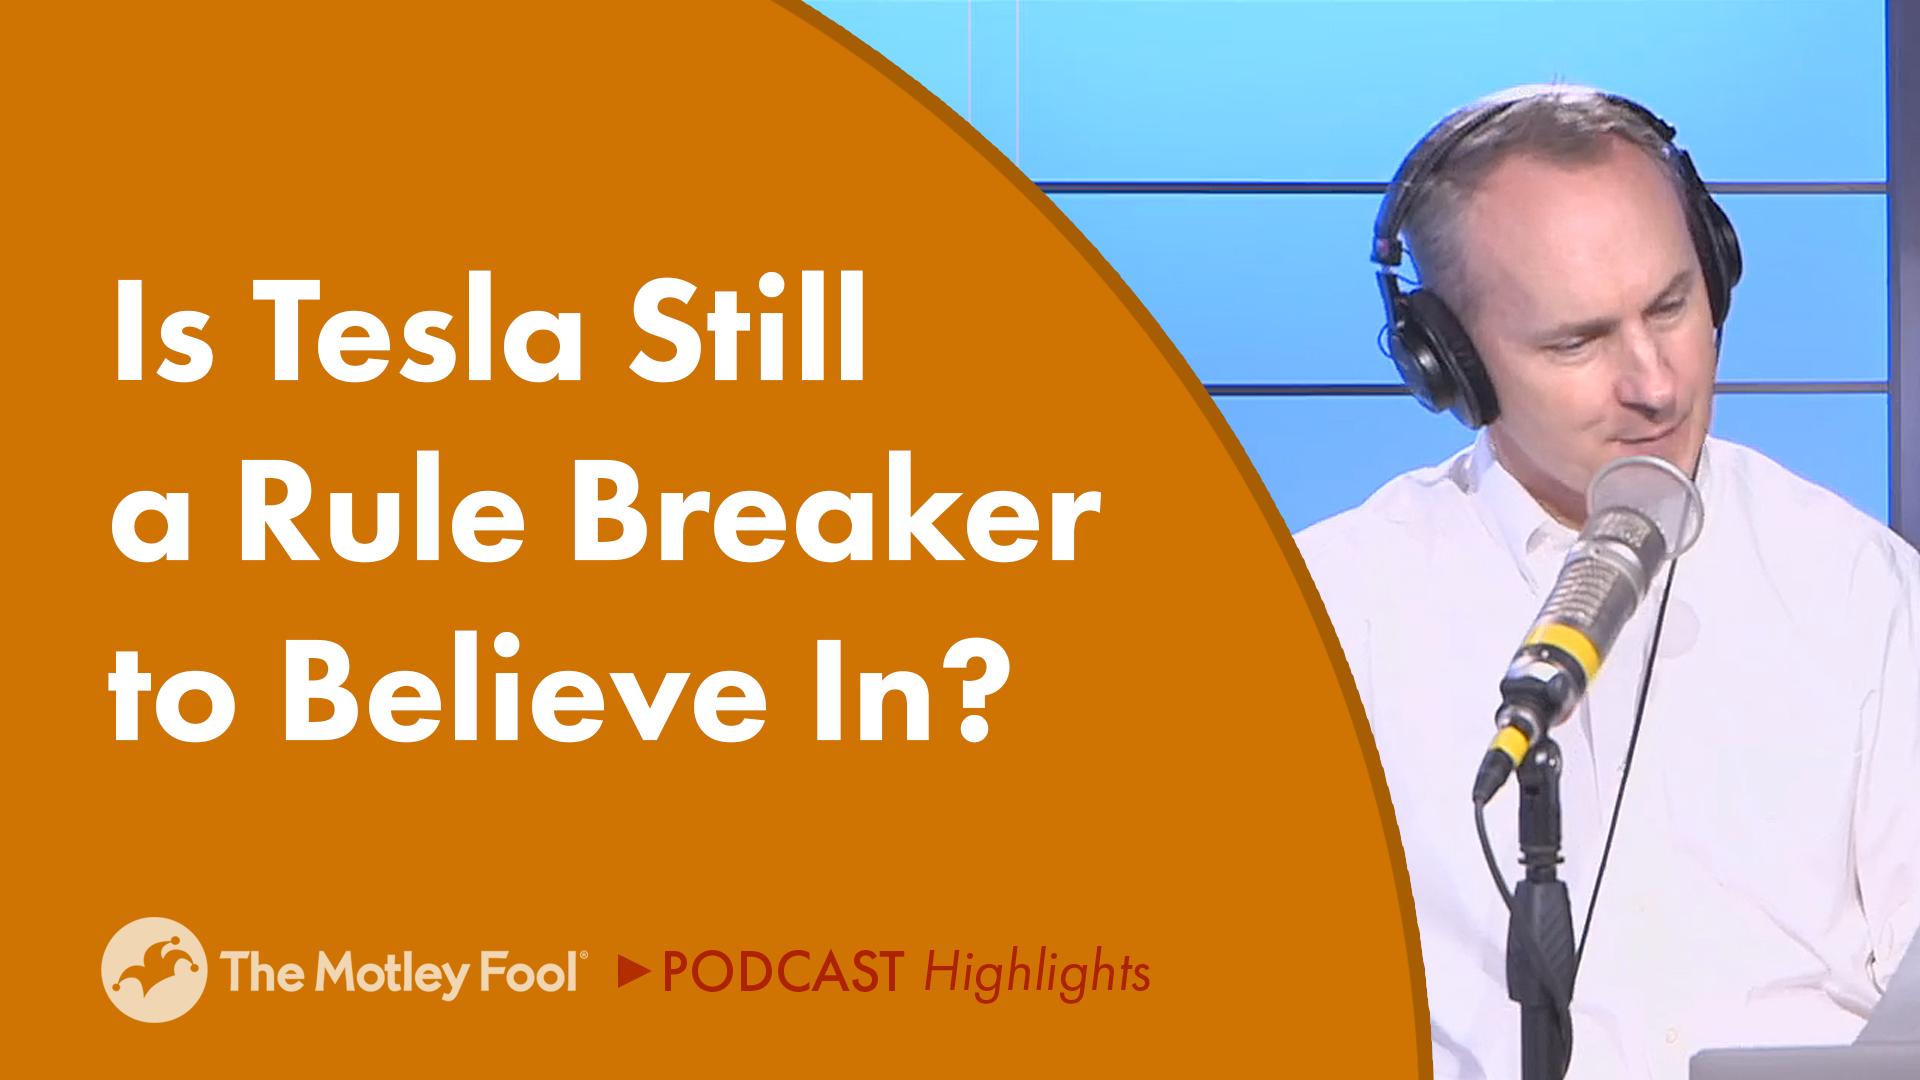 Is Tesla Still a Rule Breaker to Believe In?